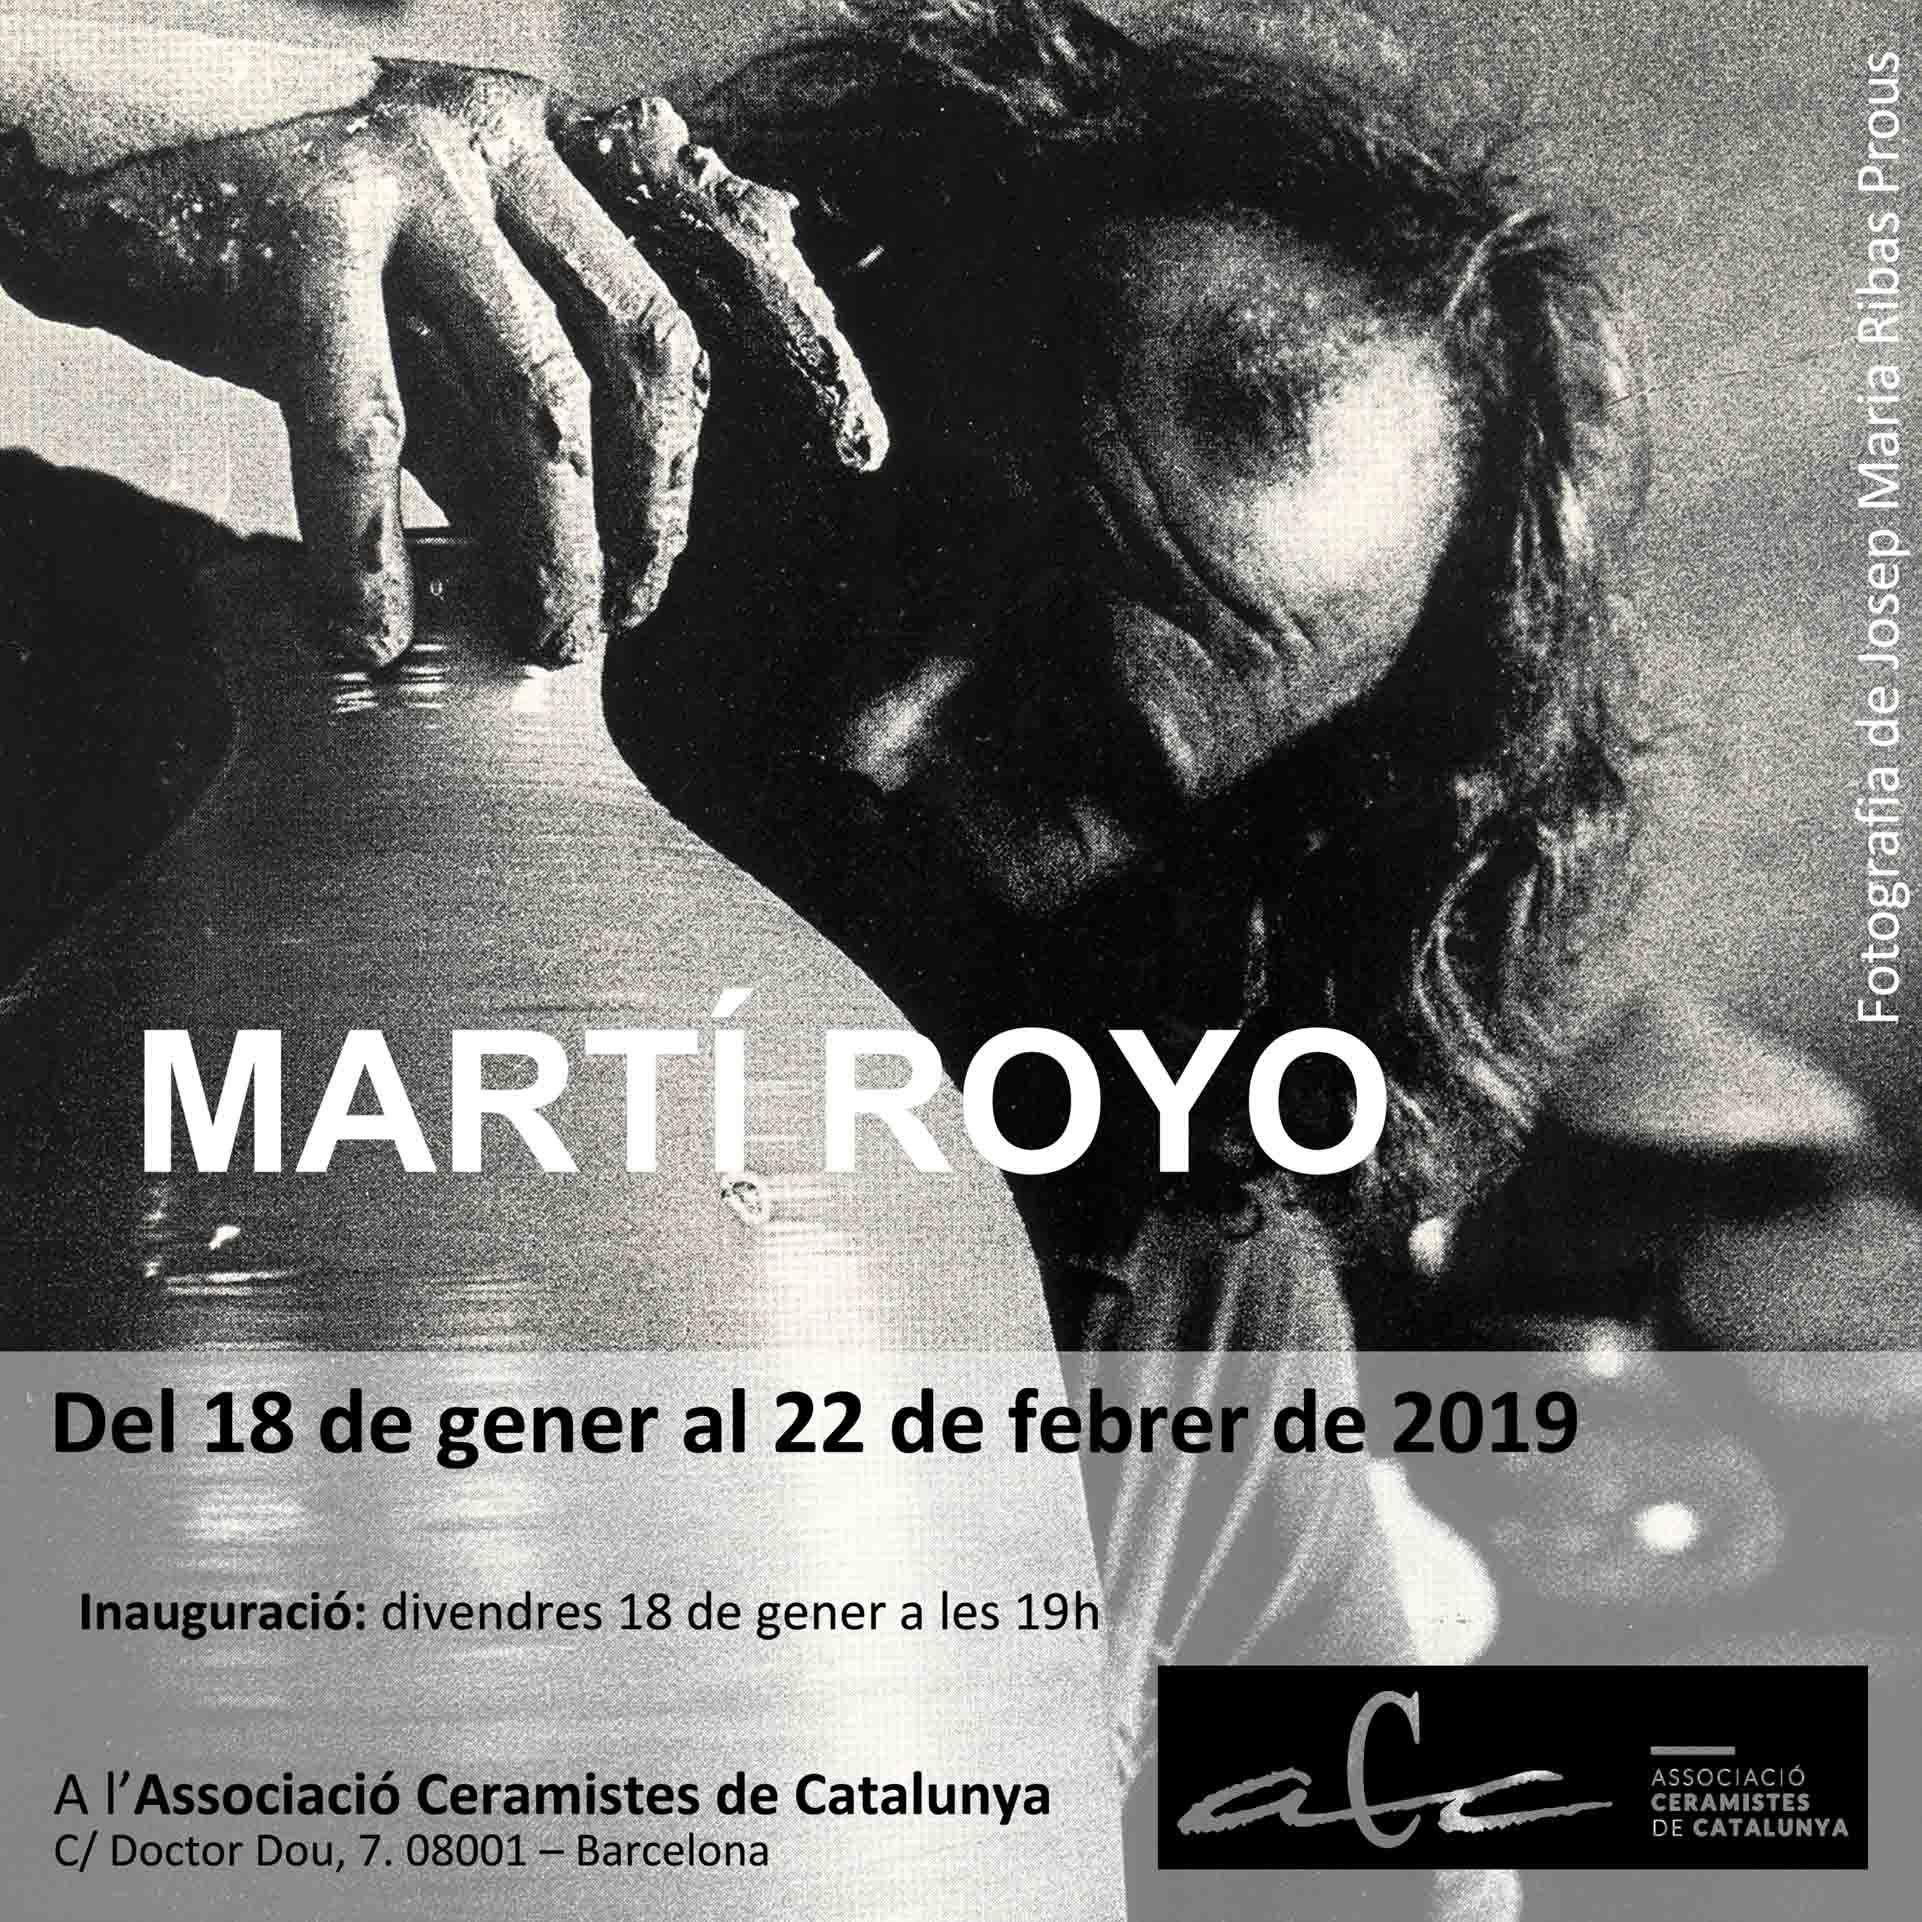 Invita Marti Royo